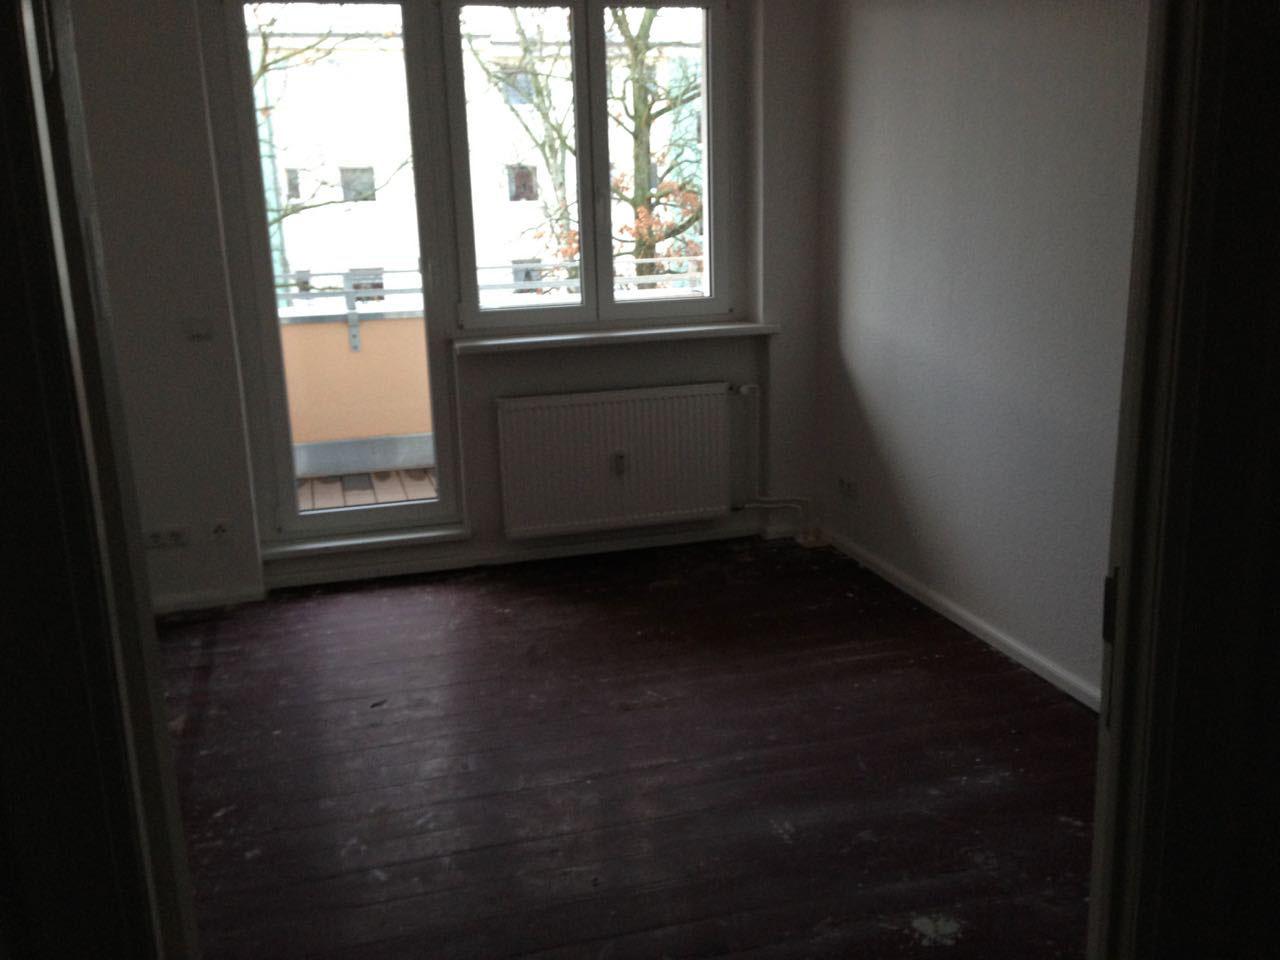 dielen schleifen ostpreussendamm lichterfelde berlin dielendesign dielen parkett schleifen. Black Bedroom Furniture Sets. Home Design Ideas